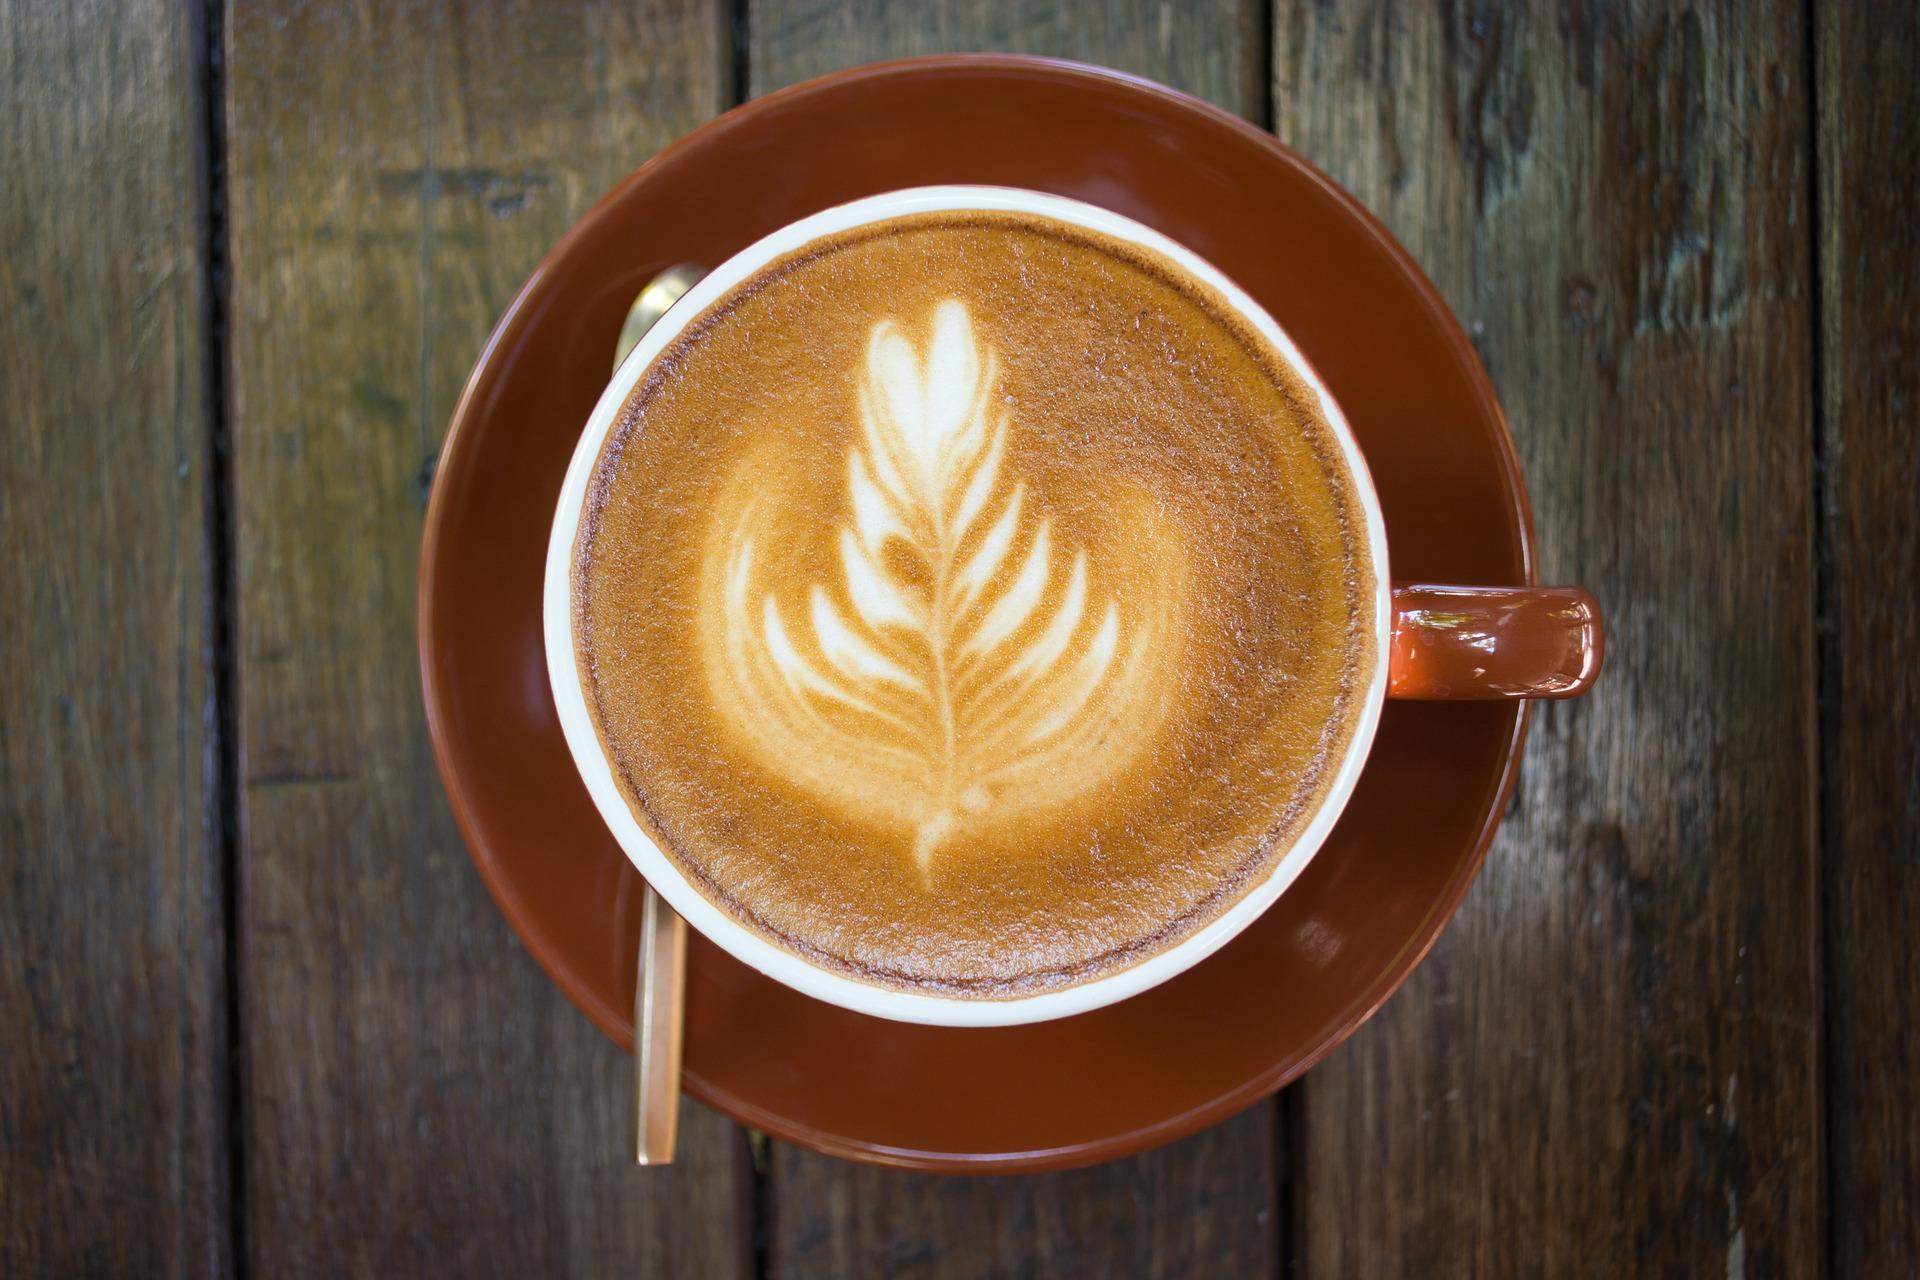 カフェのコーヒーが1杯100円!低価格でもこだわりを感じるR.O.STAR(ロースター)に行ってみた